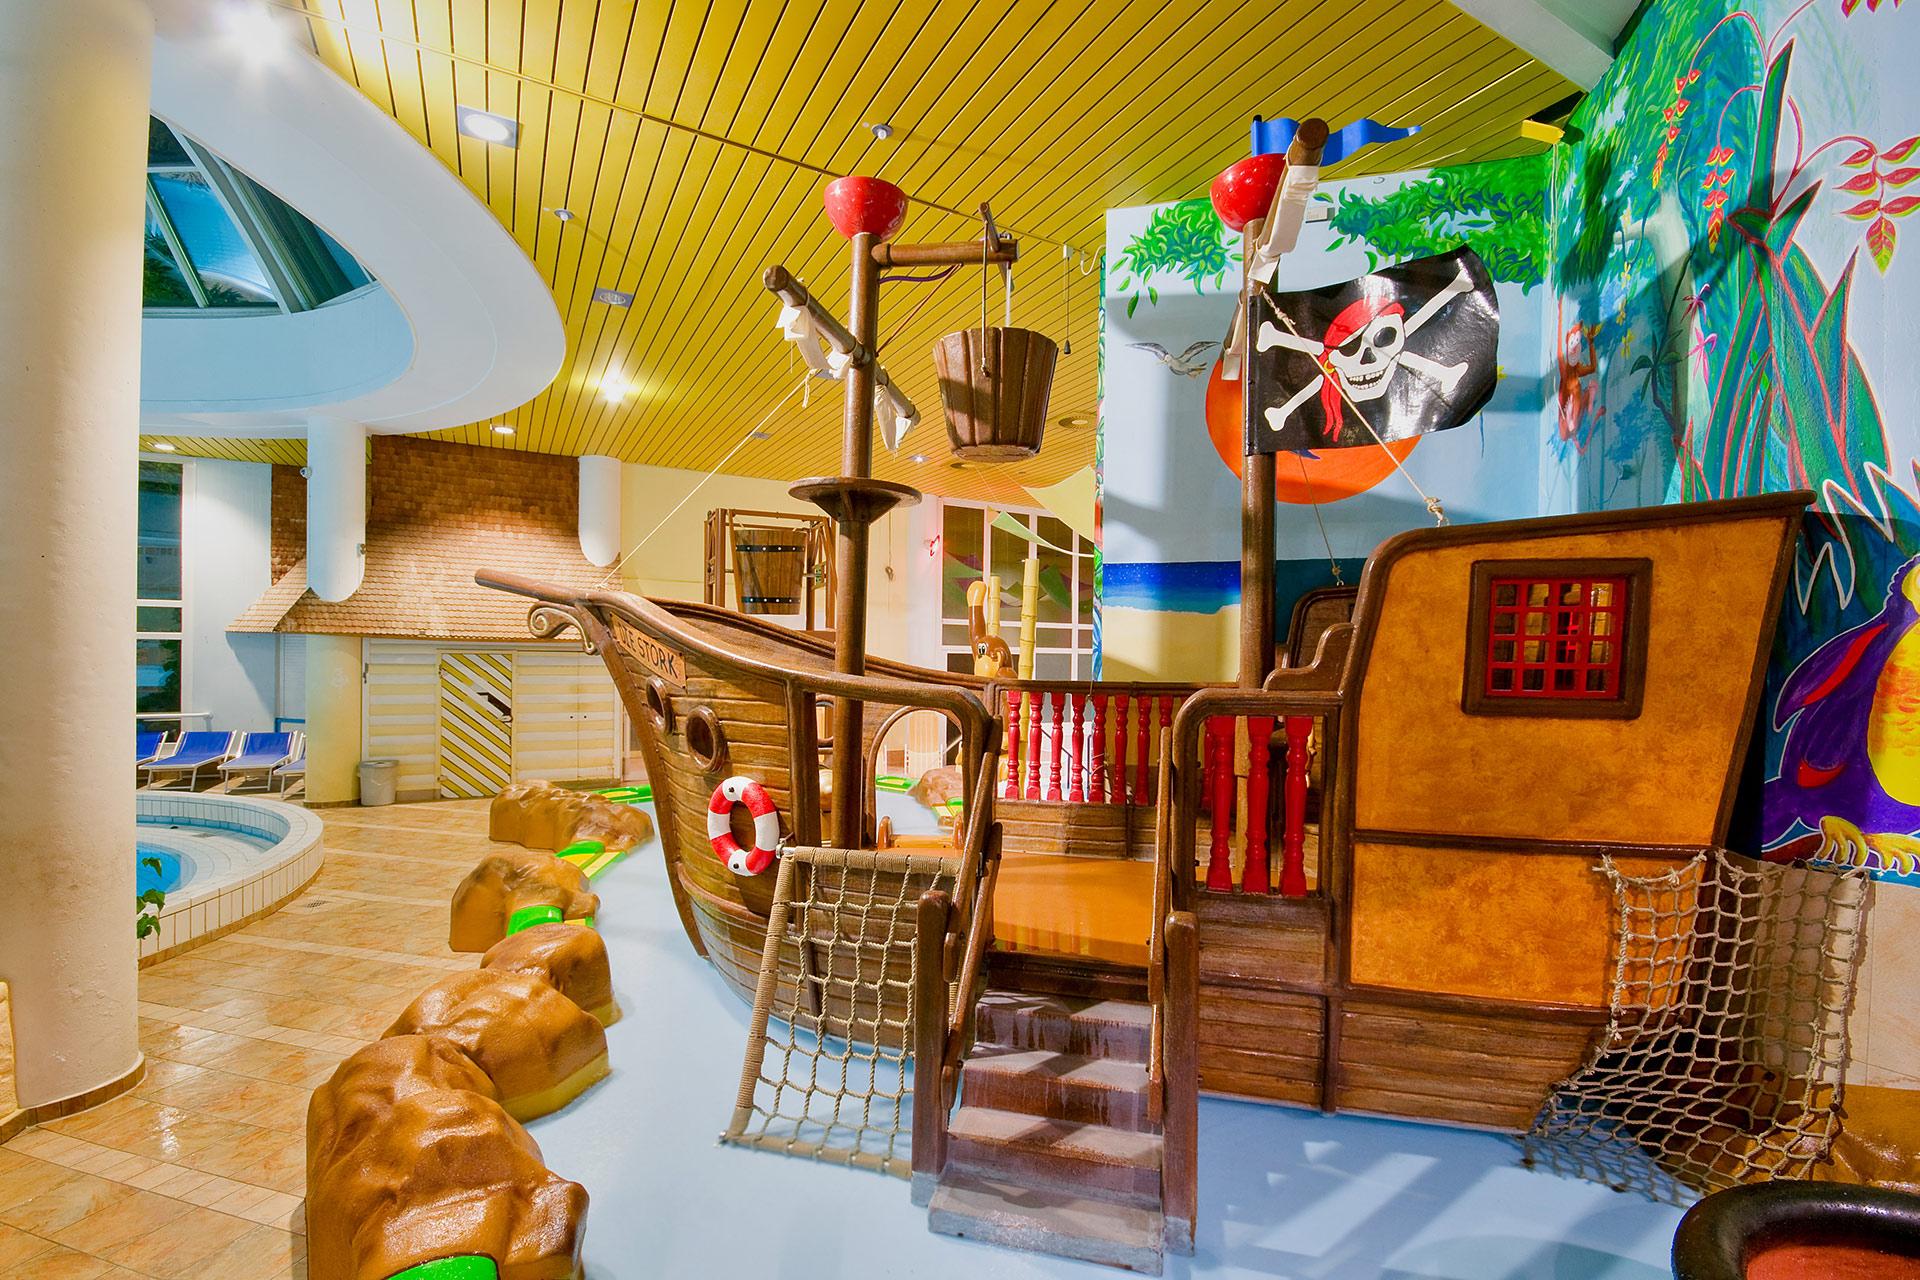 kinder schwimmen westfalen therme kinder erlebnisbad nrw. Black Bedroom Furniture Sets. Home Design Ideas